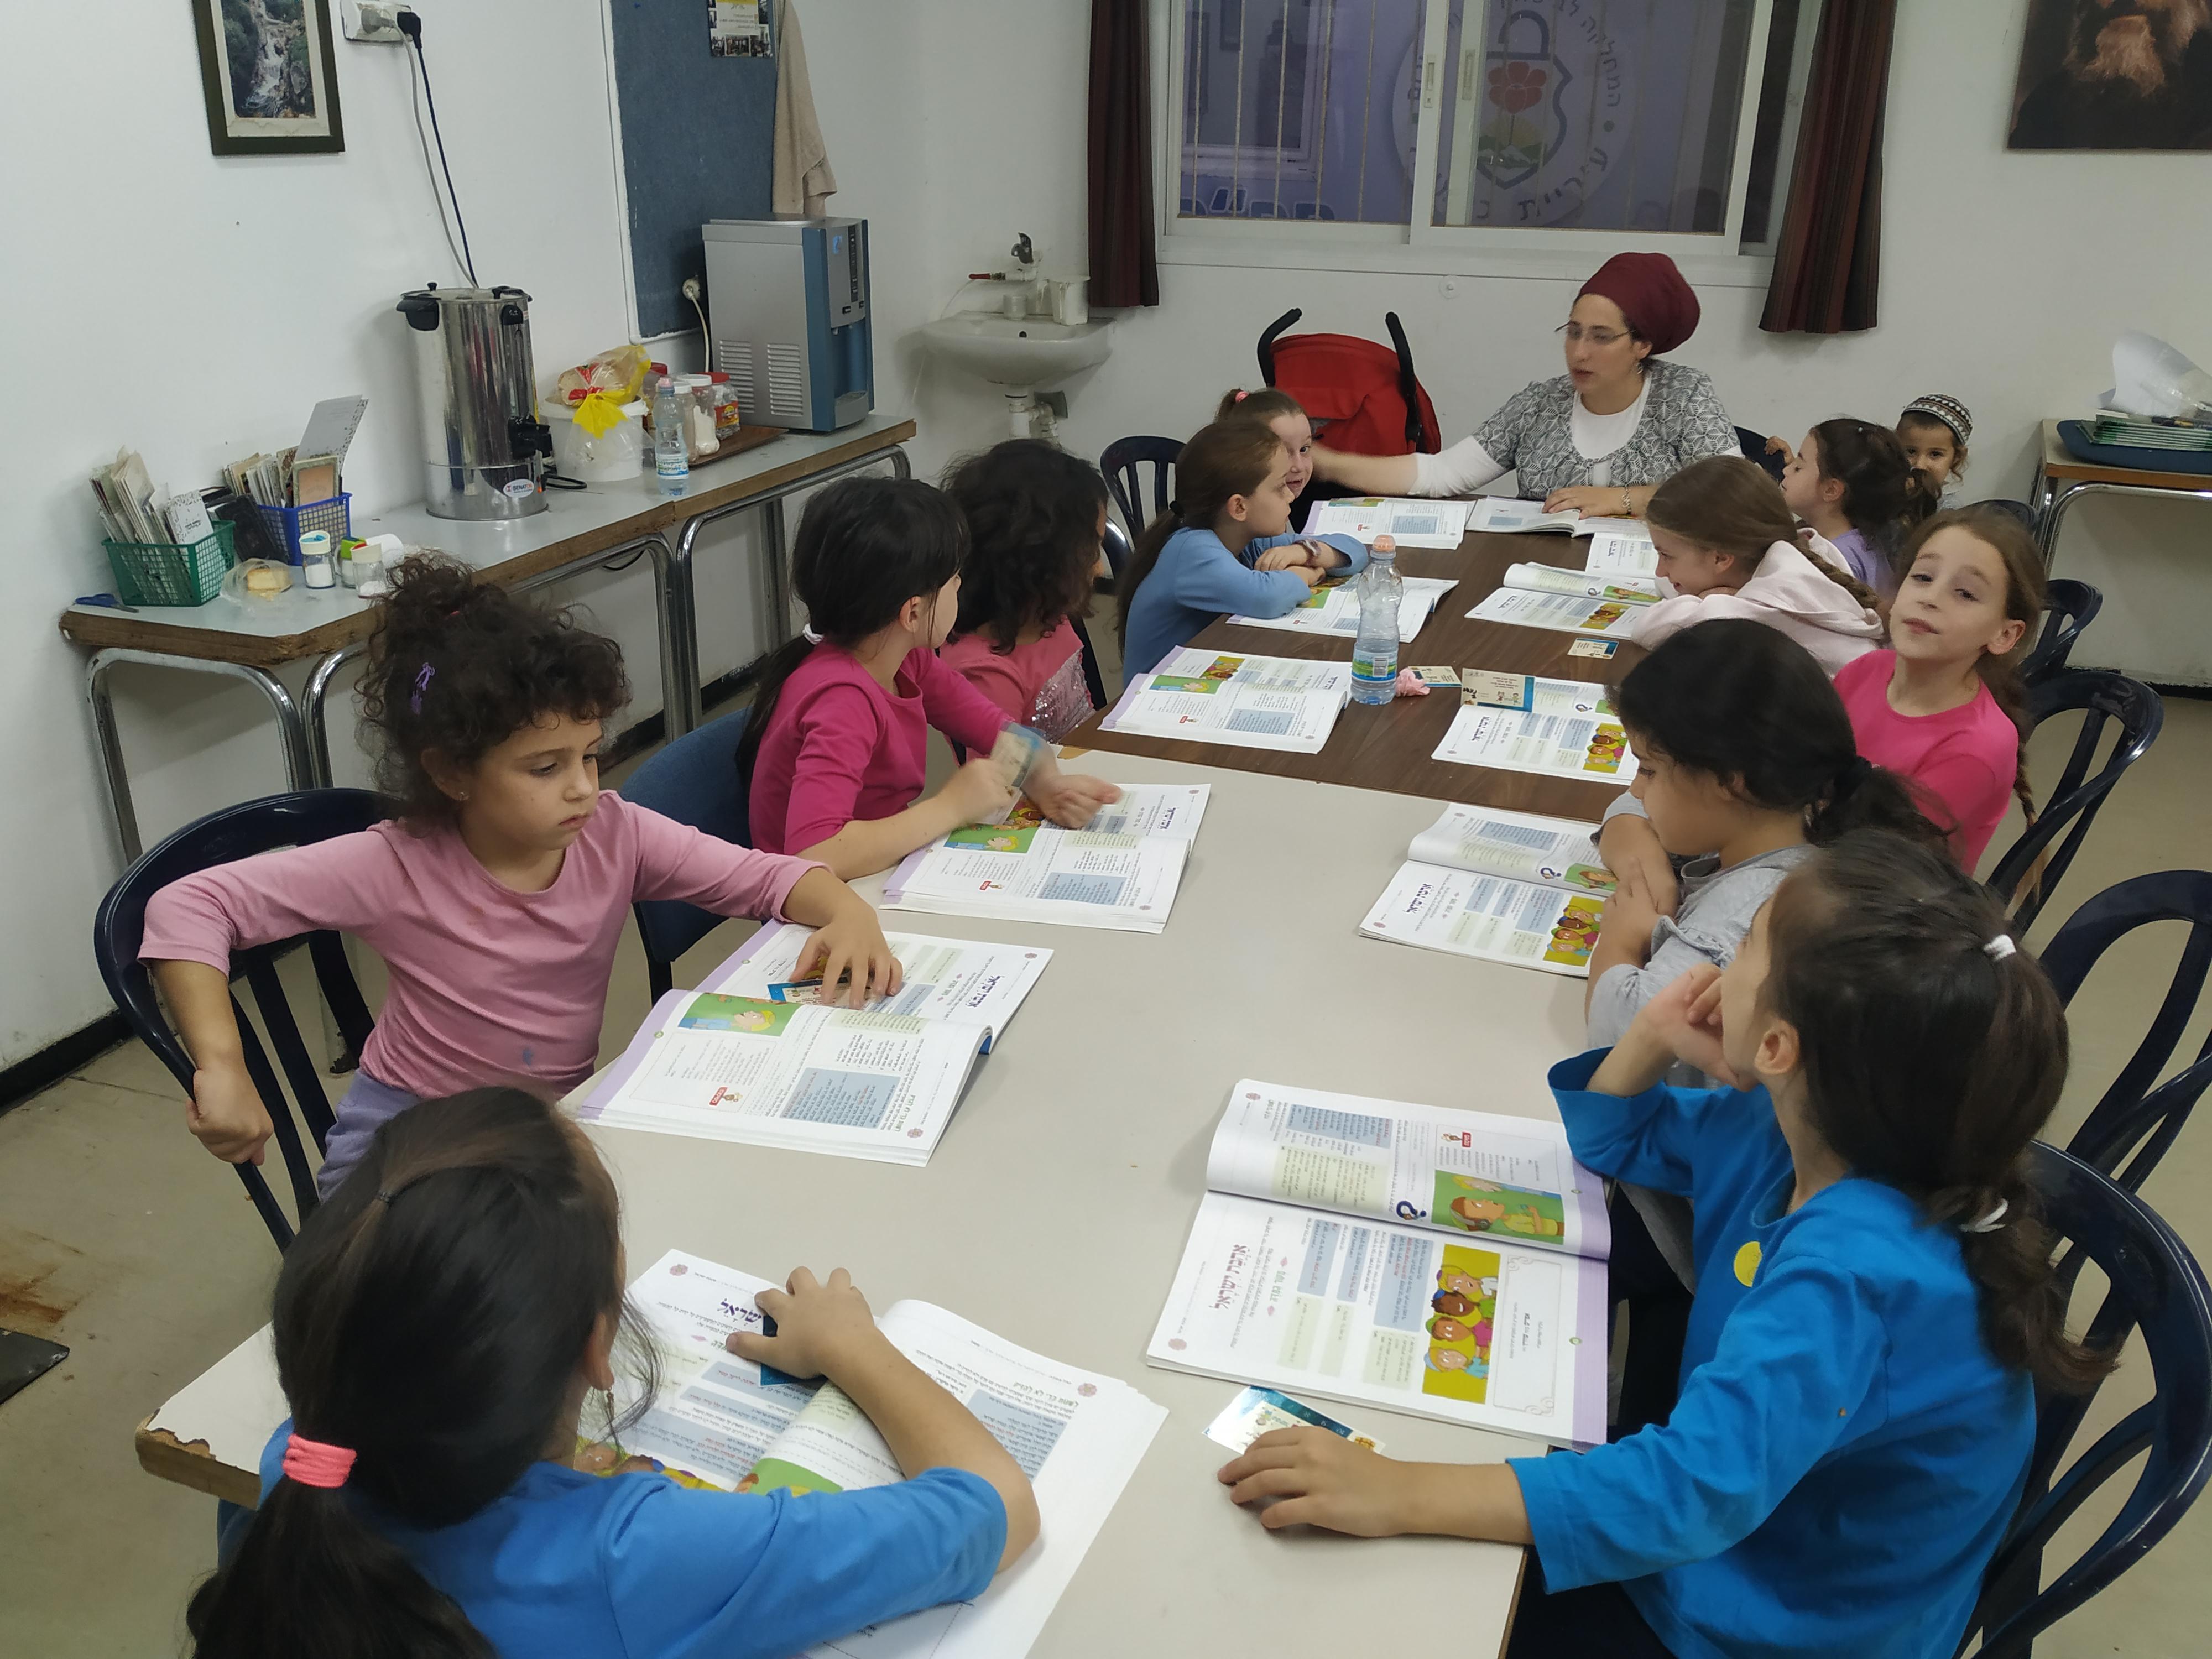 תלמודית, תלמוד תורה, פעילות ילדים